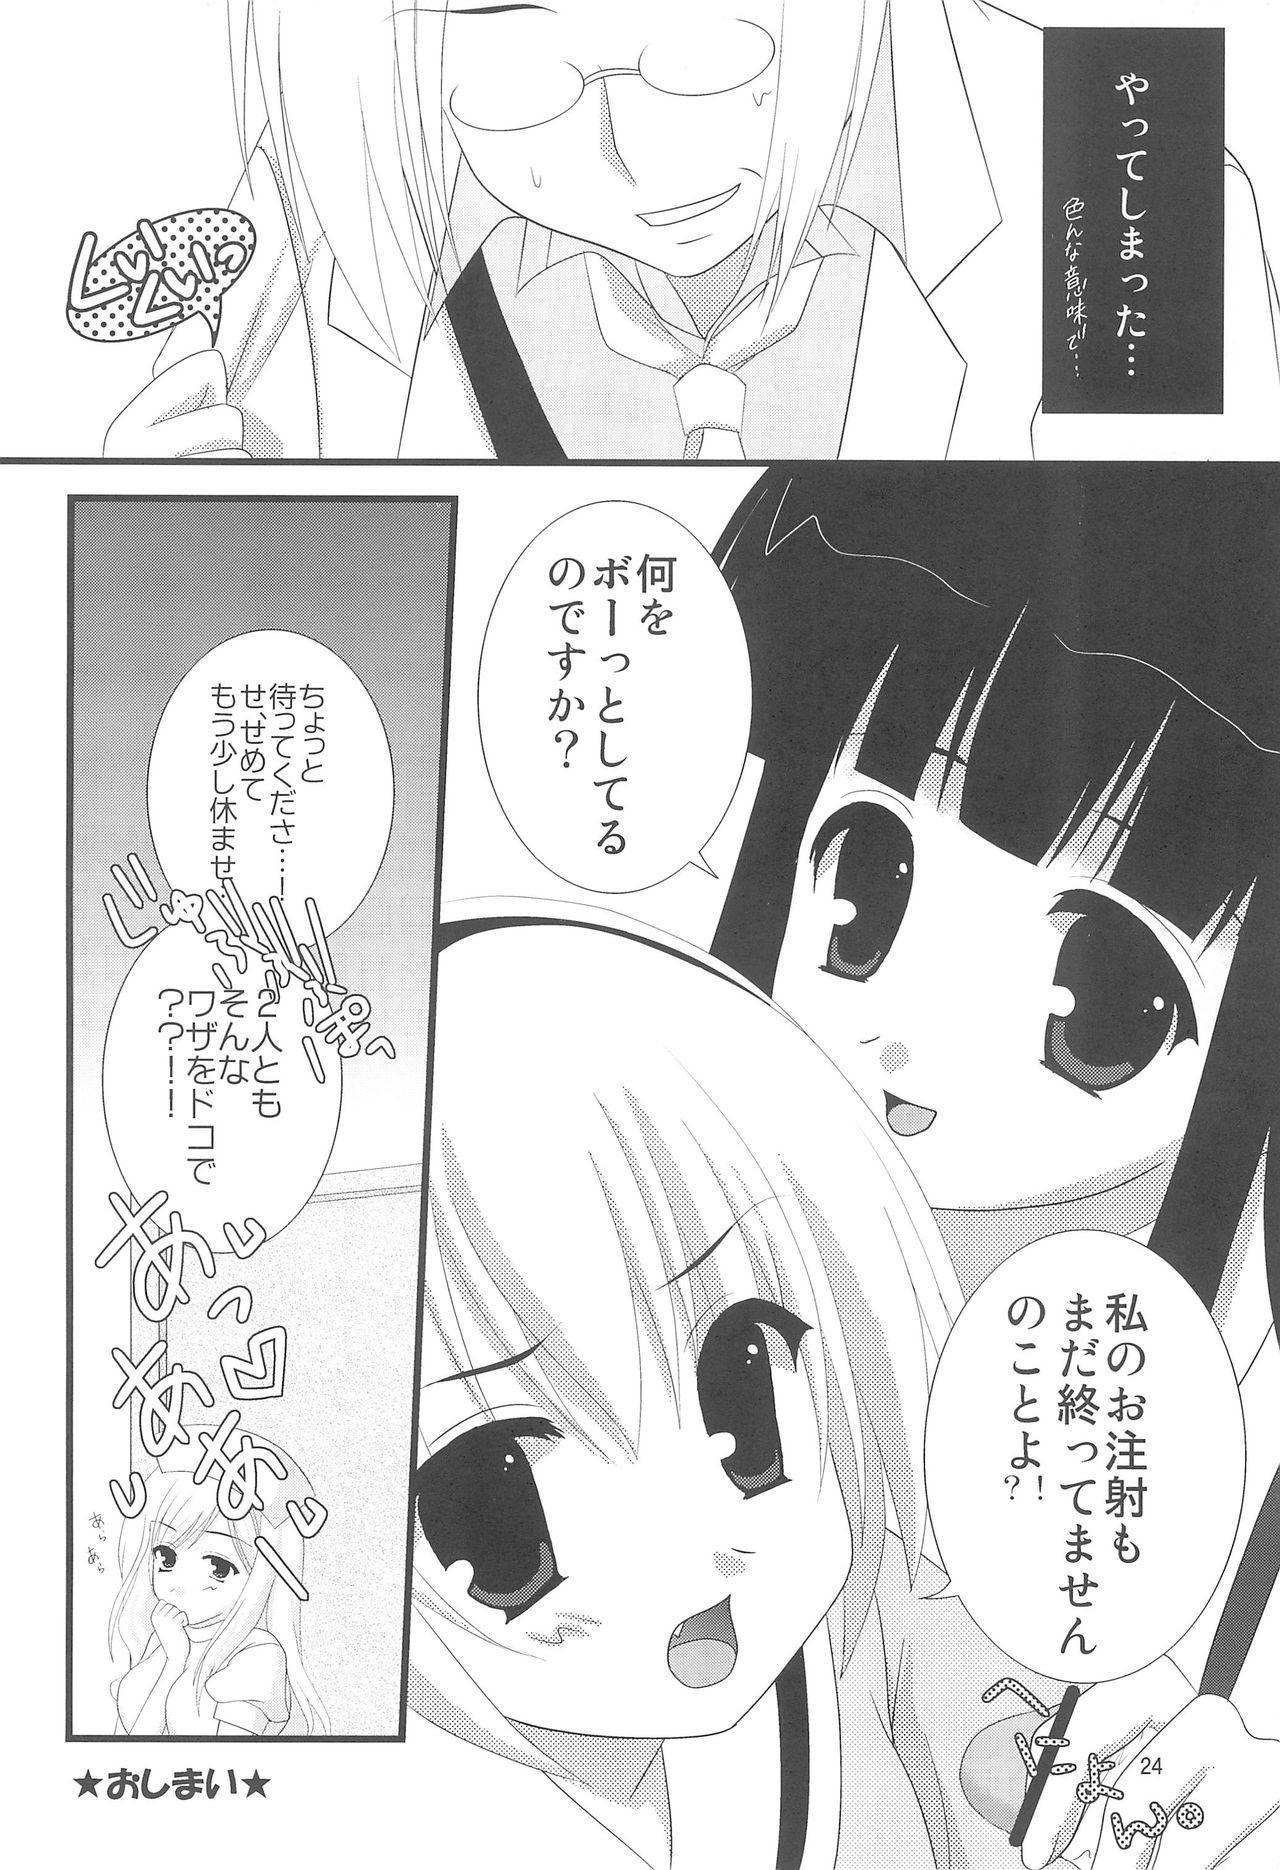 Higurashi no Nuku Koro ni Hamegoroshi-hen 25